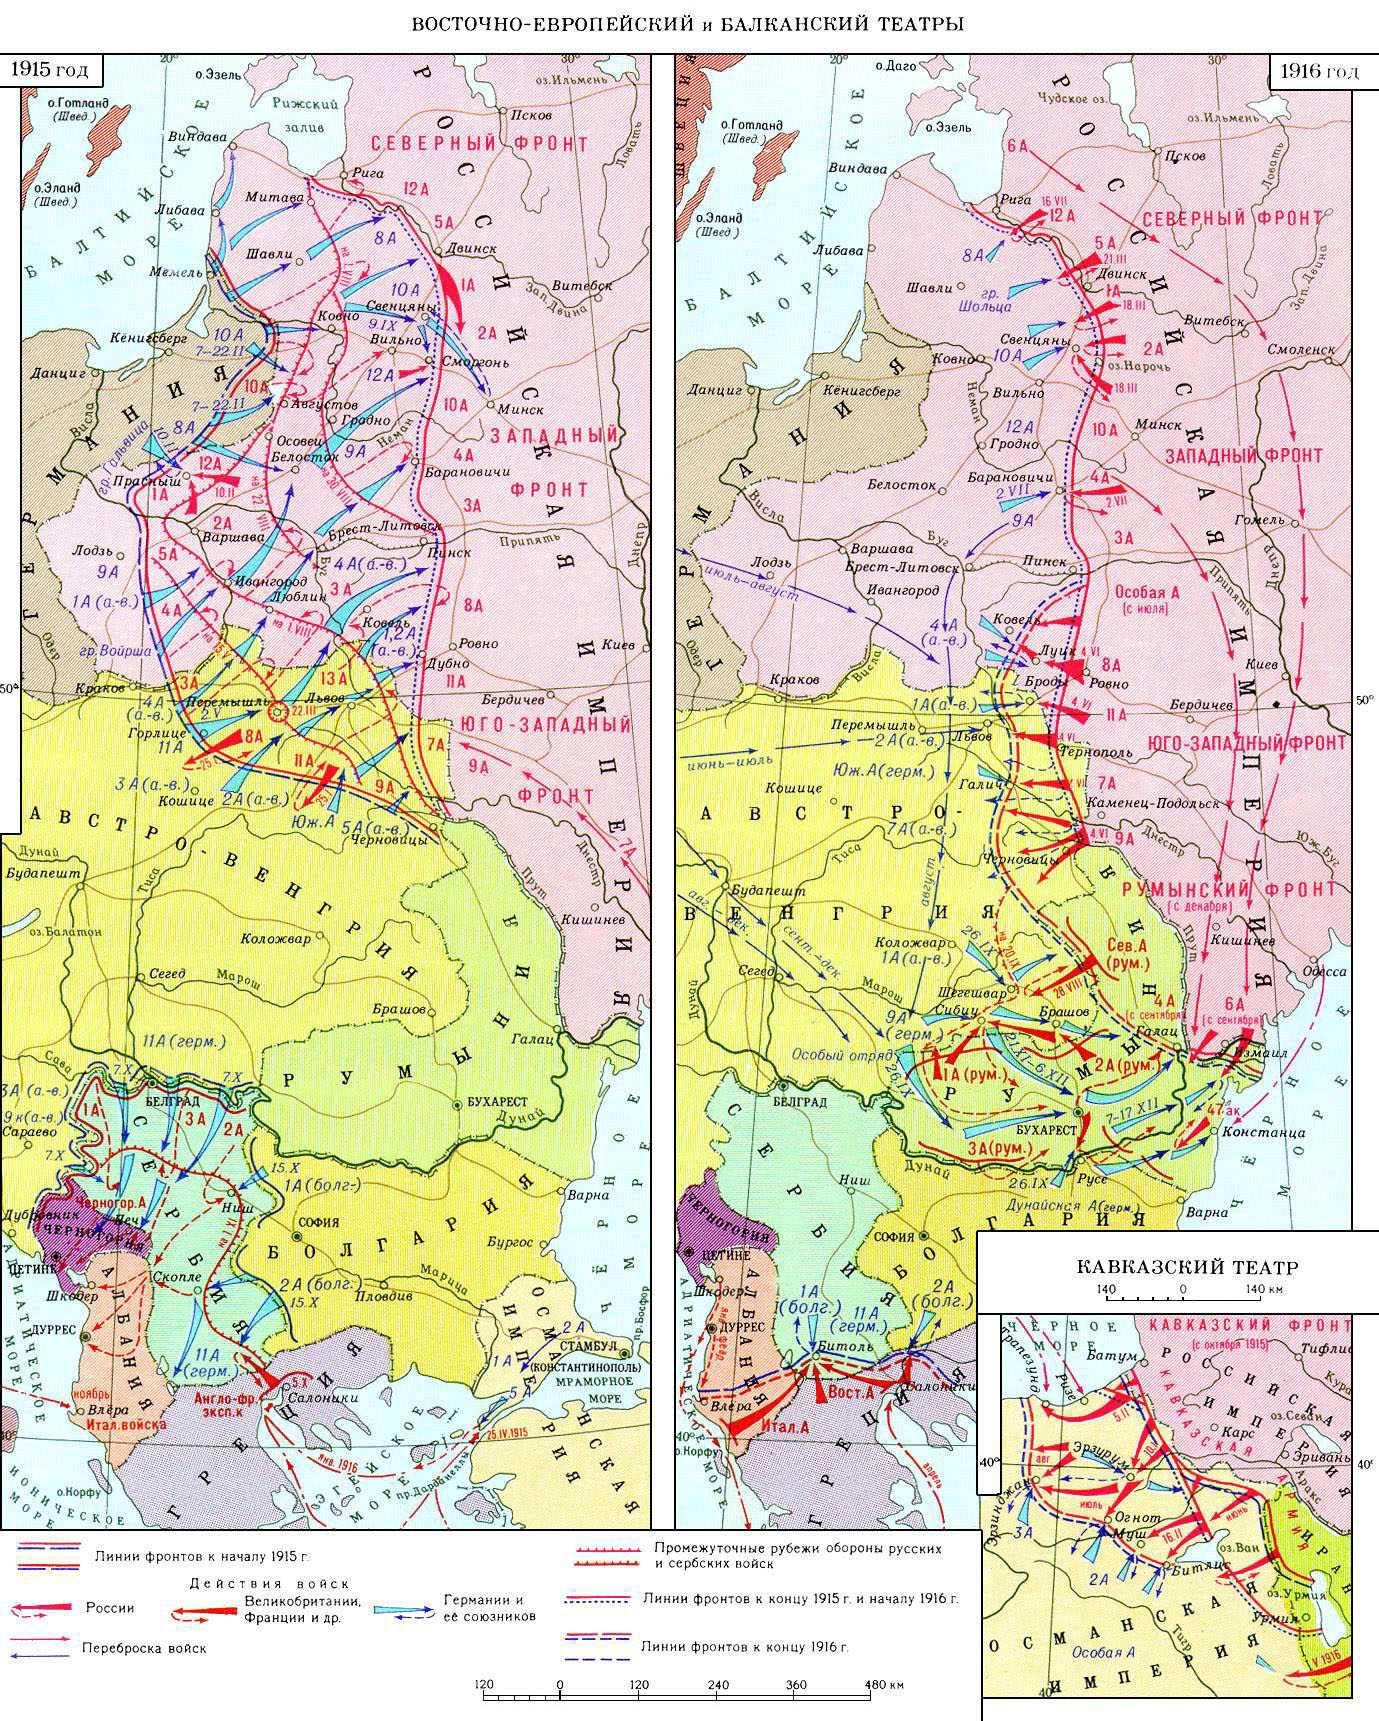 Карты военных действий Второй Мировой войны из